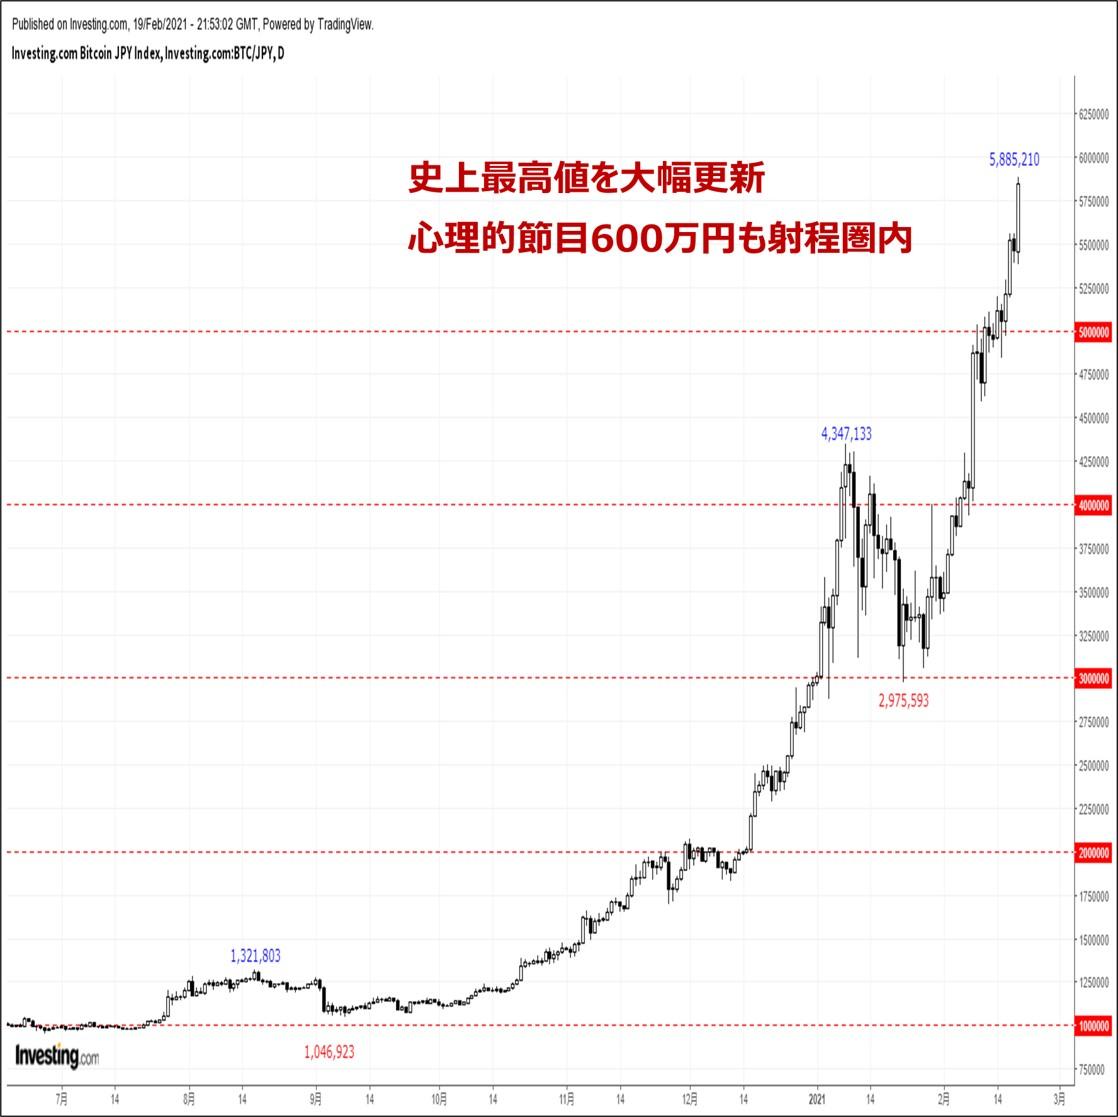 ビットコインの価格分析:『史上最高値を大幅更新。ついに時価総額1兆ドルを突破』(2/20)